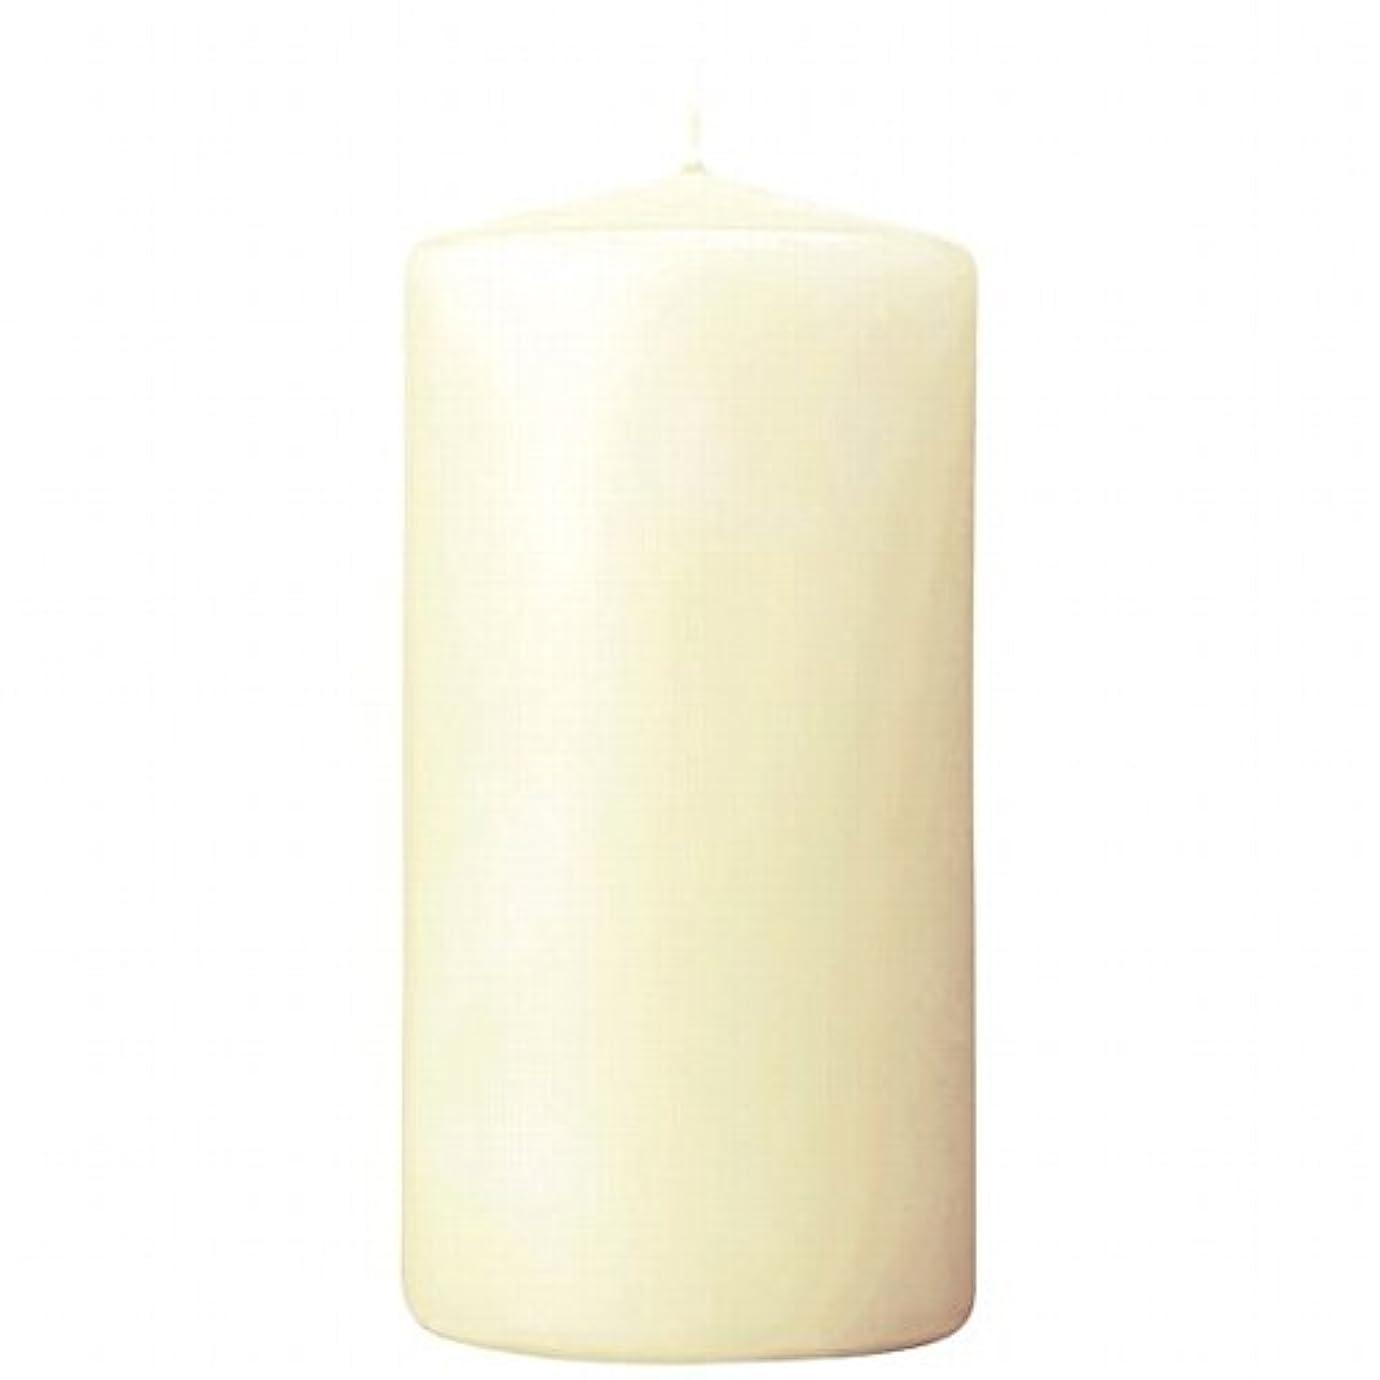 スパイ学校費用カメヤマキャンドル(kameyama candle) 3×6ベルトップピラーキャンドル 「 アイボリー 」